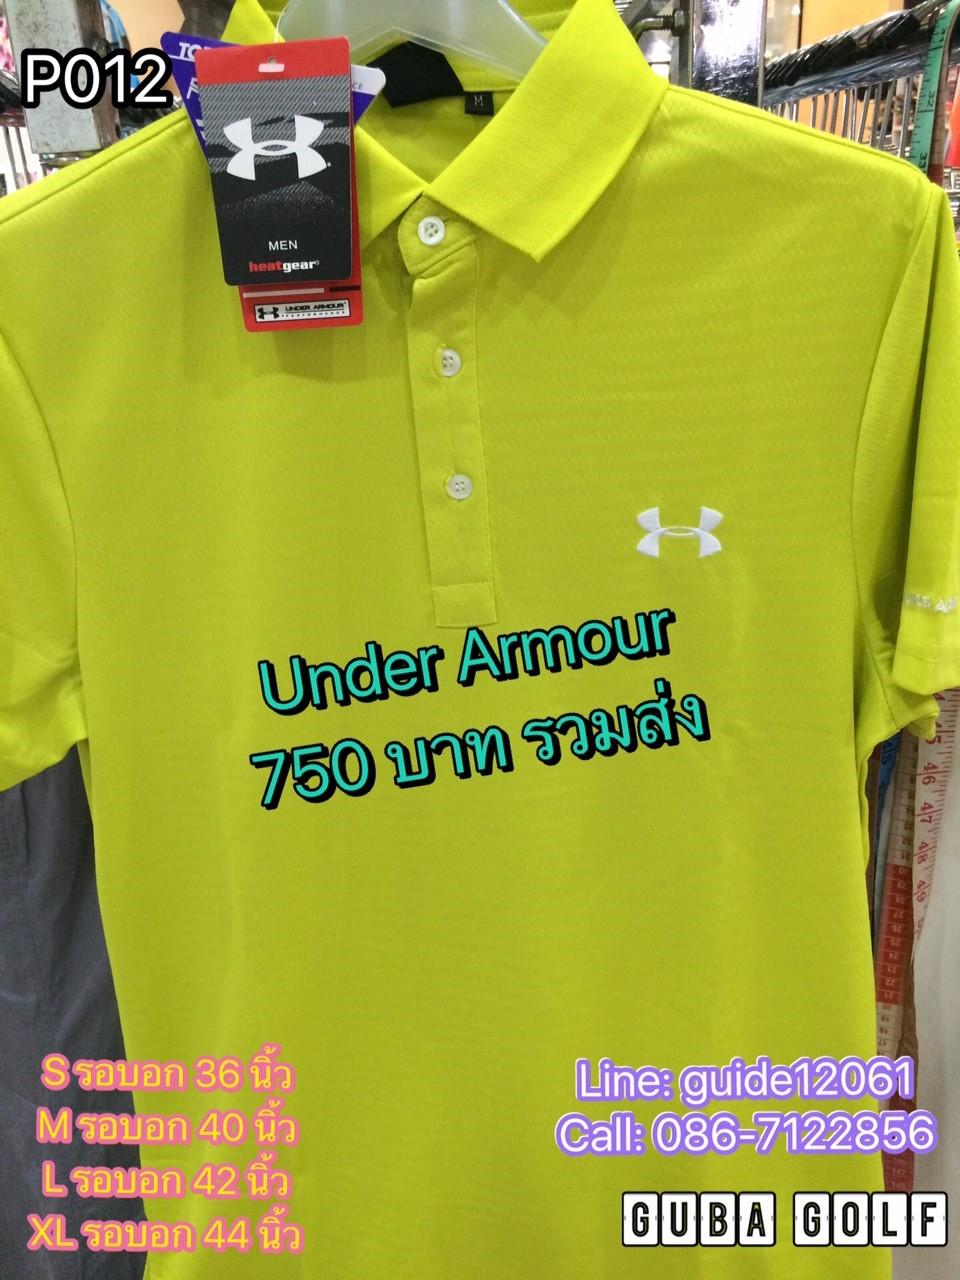 เสื้อ Under Armour size L รอบอก 42 นิ้ว ราคา 750 บาท!!!